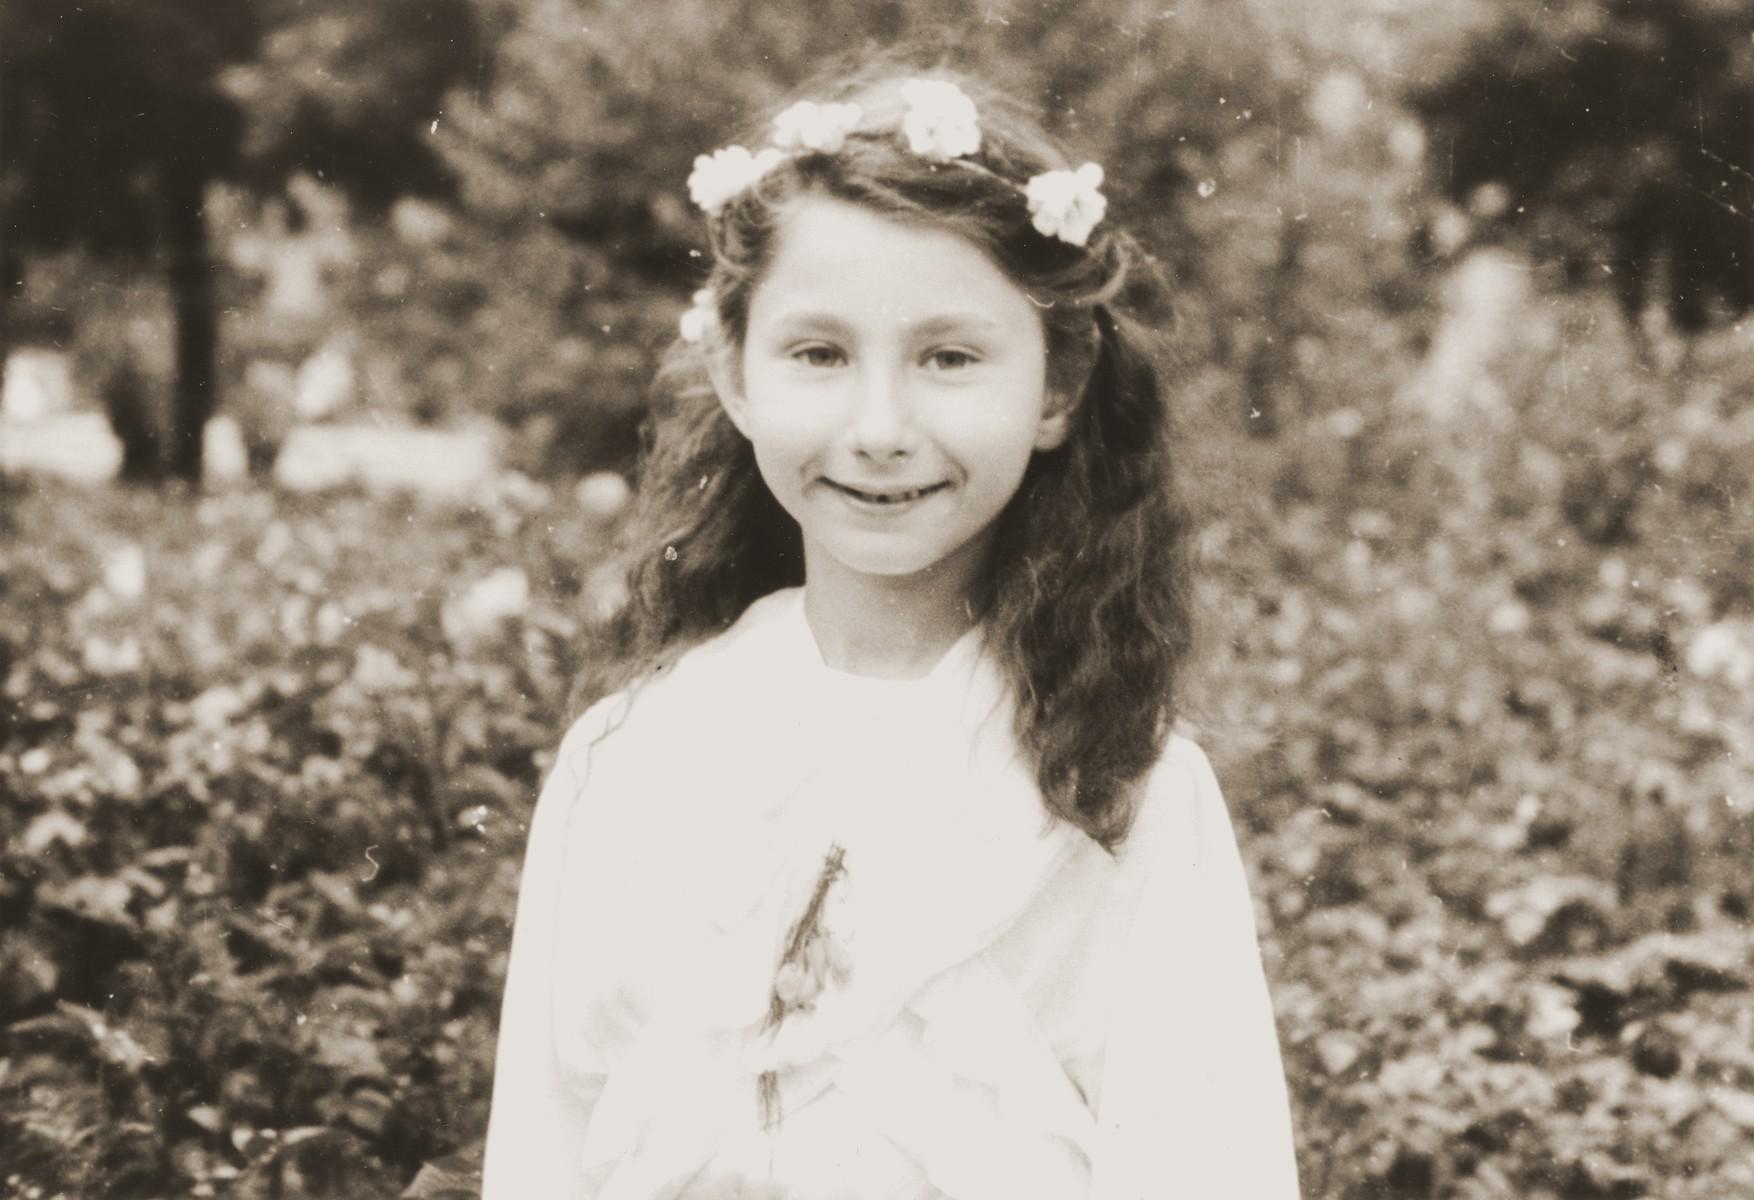 Zofja Fajnsztejn, a Jewish child in hiding, poses outside in a garden wearing her First Communion dress.